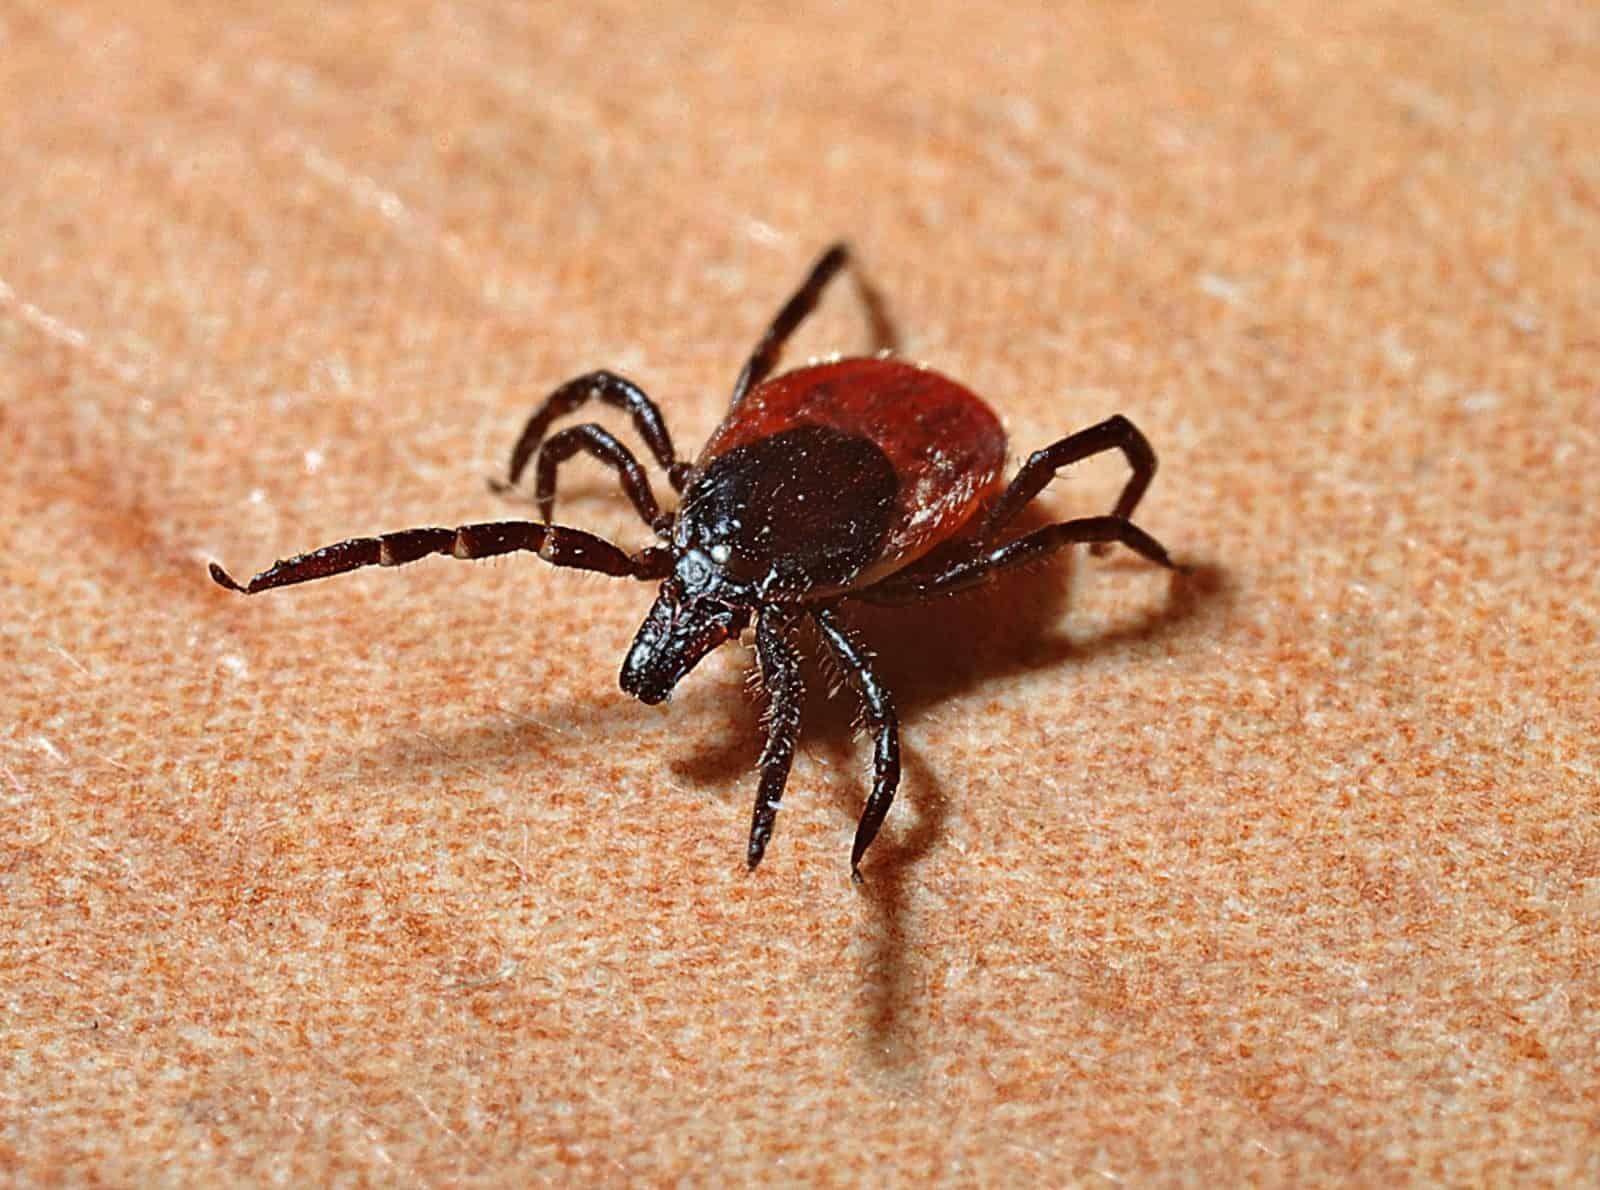 closeup image of a tick